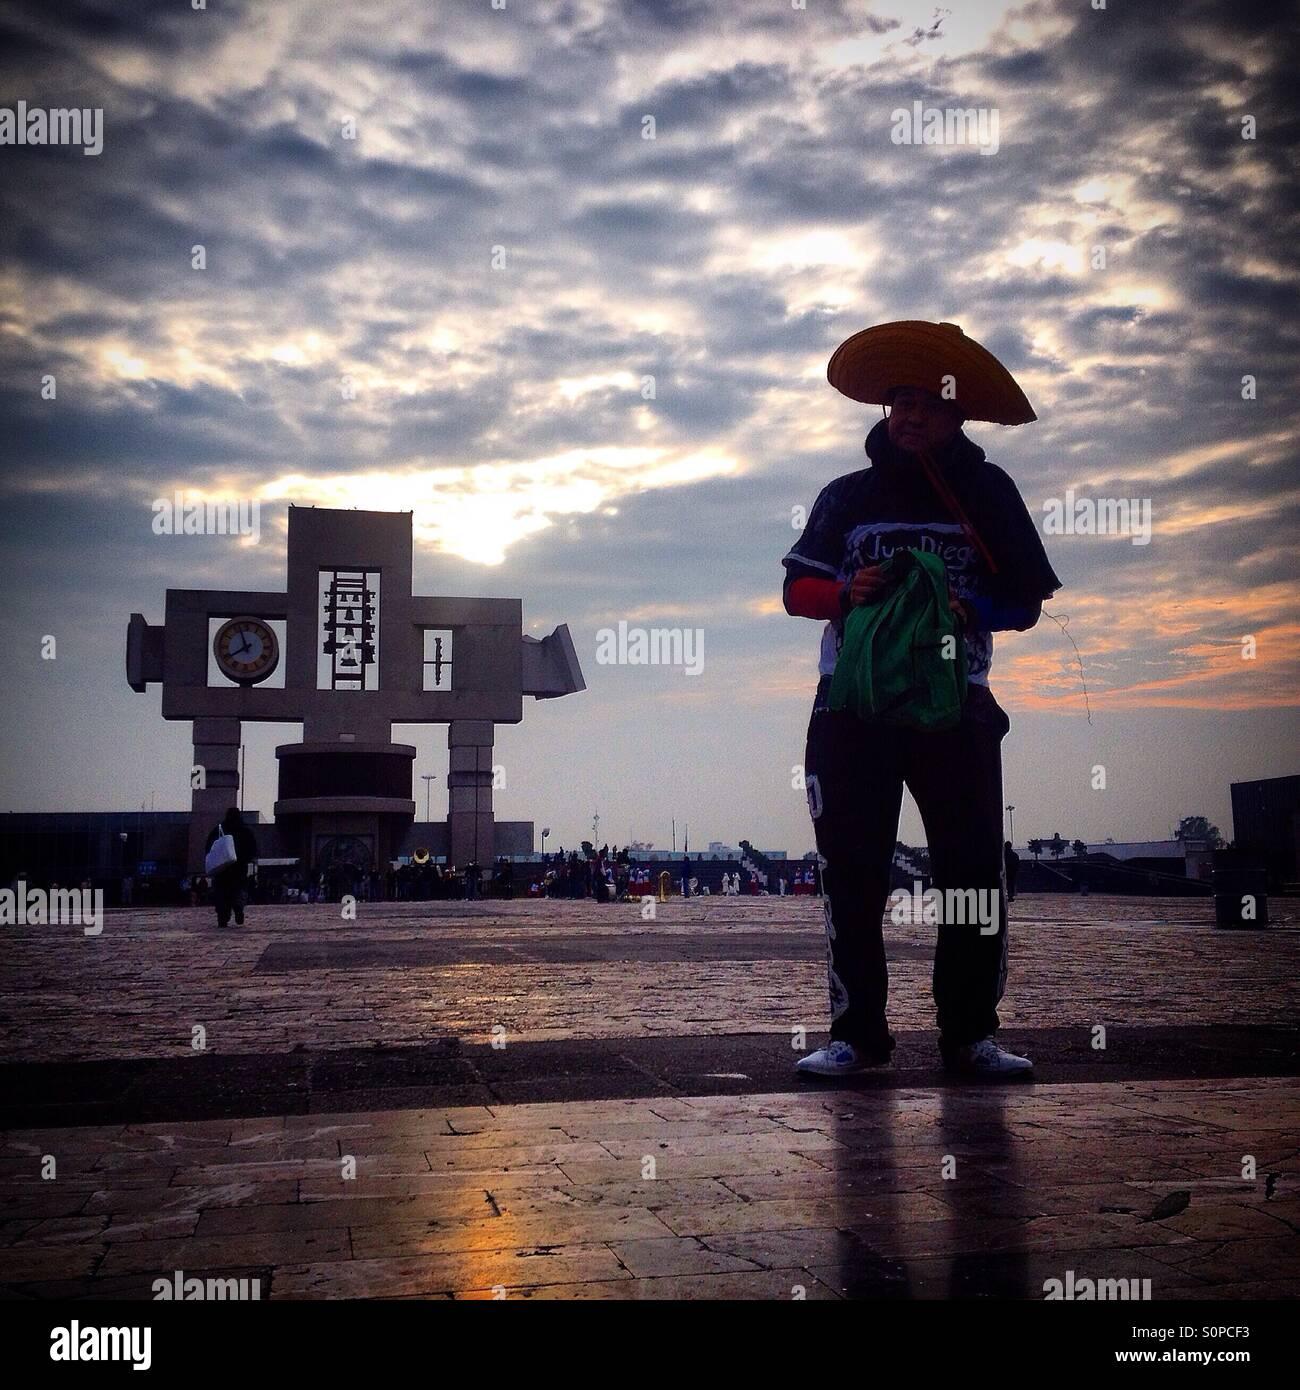 La silueta de un hombre vestido con un Sombrero Mexicano se sitúa delante  de la cruz a735f14a673